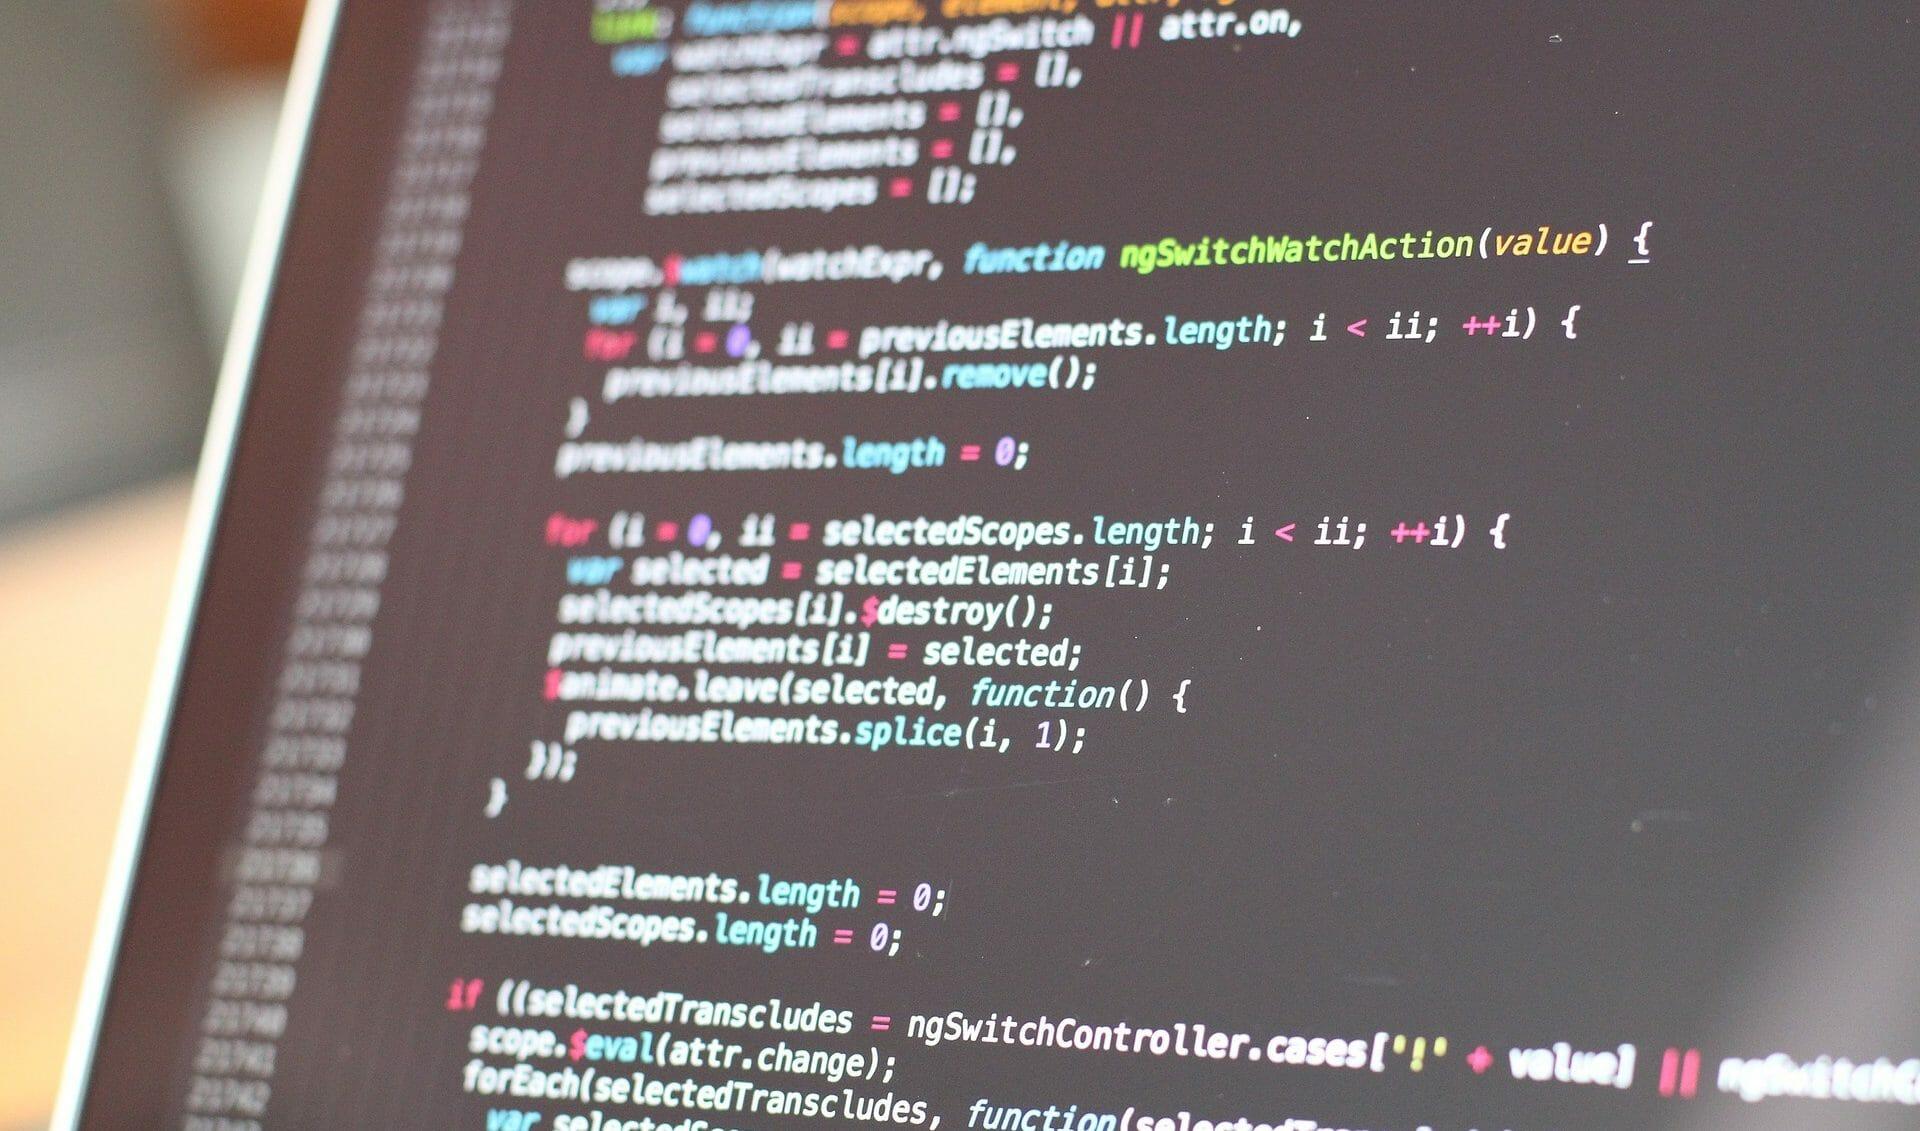 Image du cas client Le processus de création d'un site internet chez Purée Maison